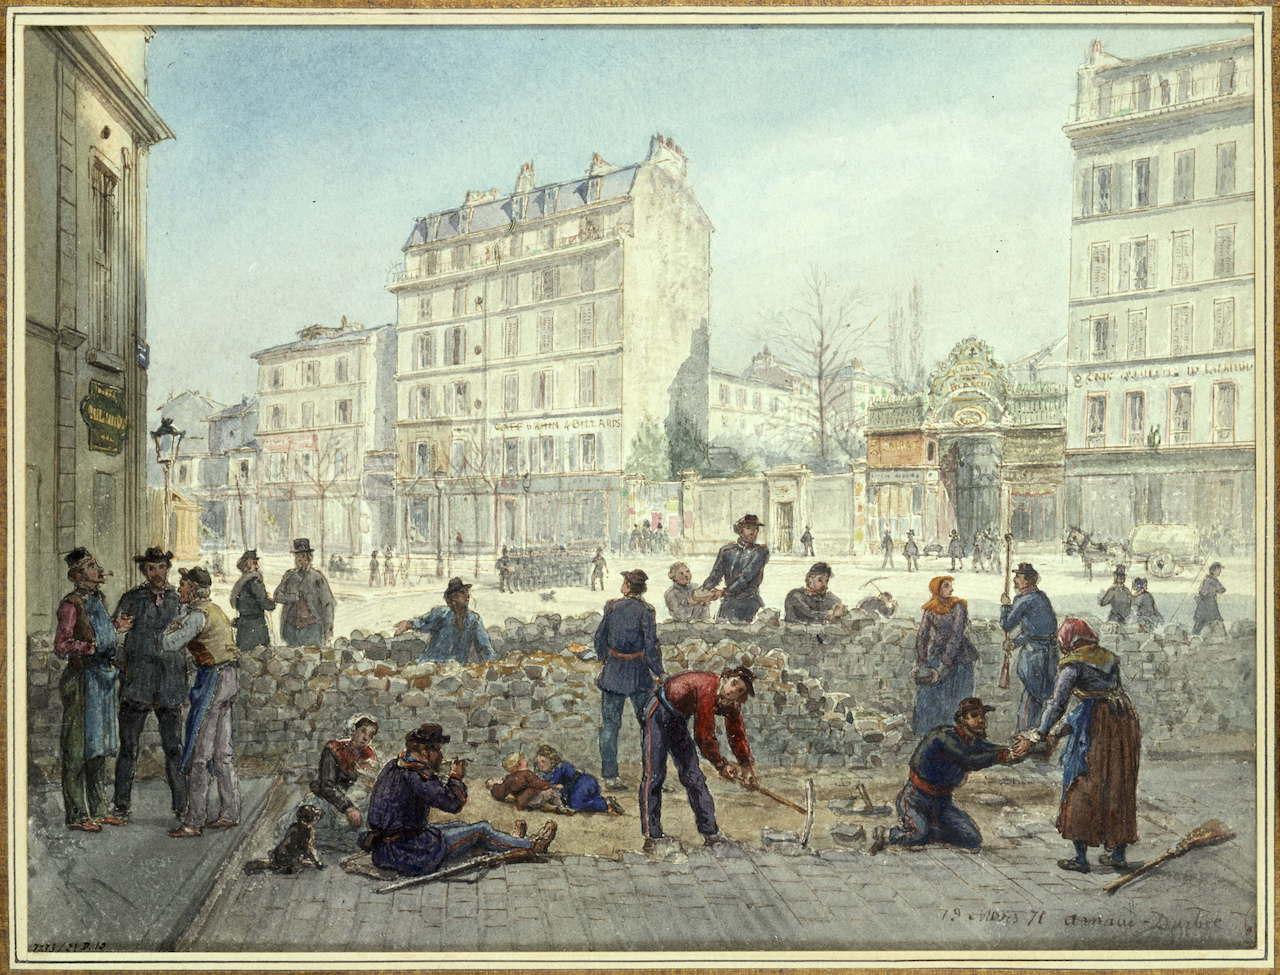 <b> Les 150 ans de la Commune de Paris: étude constitutionnelle d'une guerre civile</b> </br> </br> Par Annette de Moura